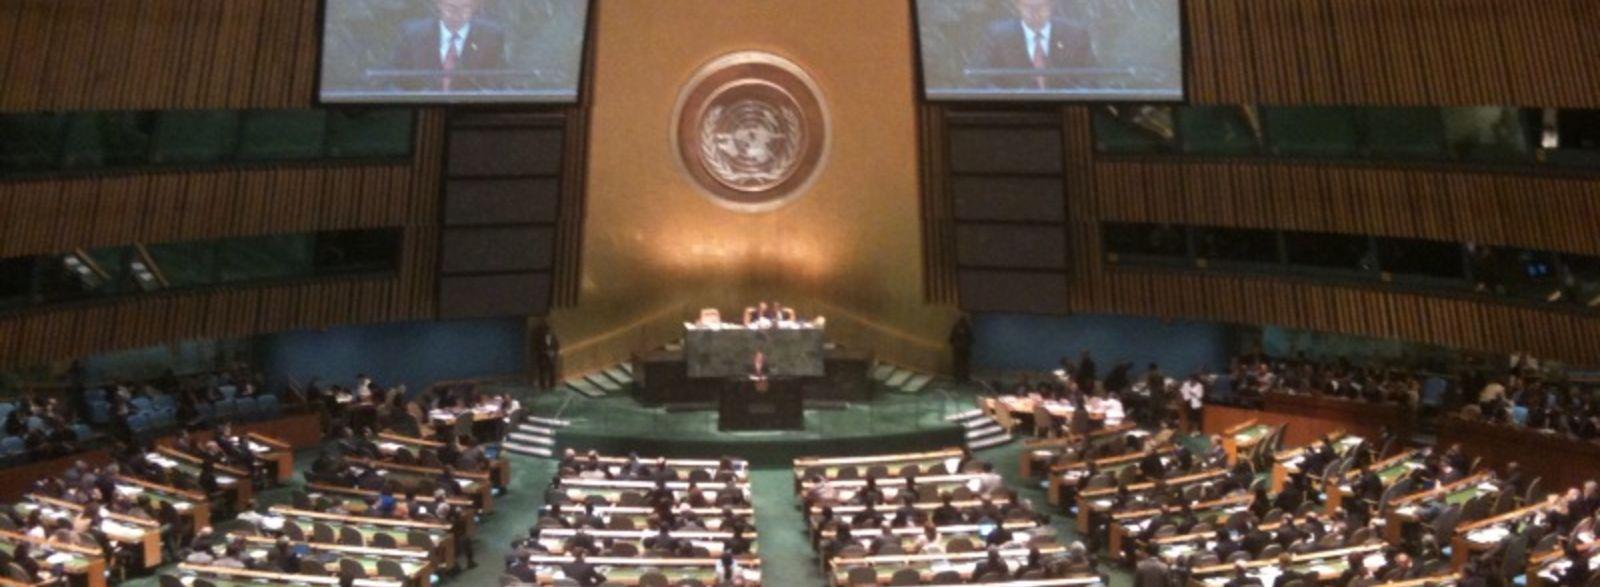 En direct de l'ONU